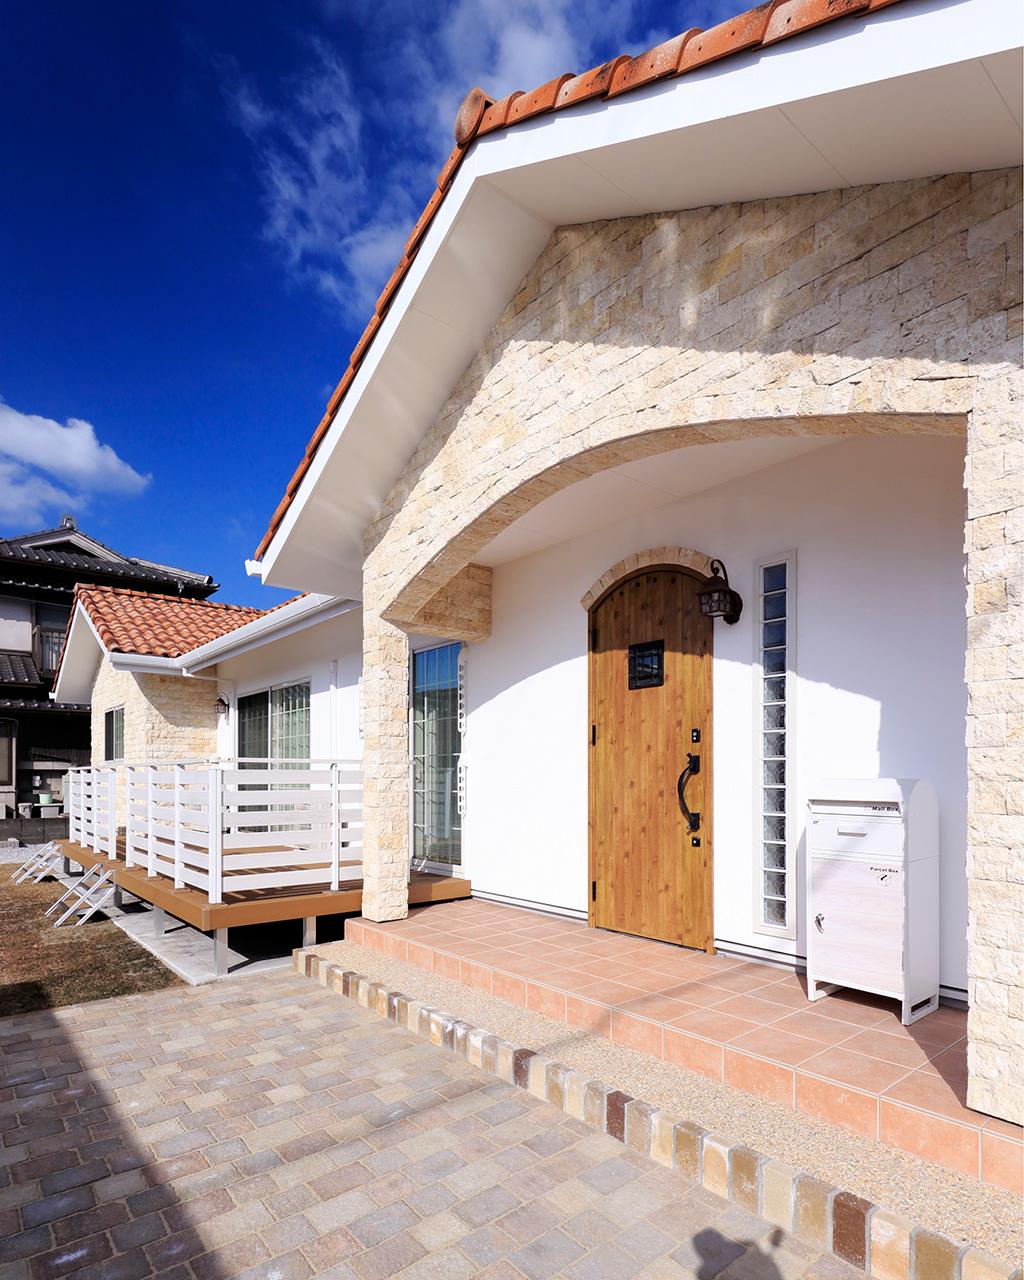 瓦屋根|大分の注文住宅工務店サラダホーム家づくりコラム